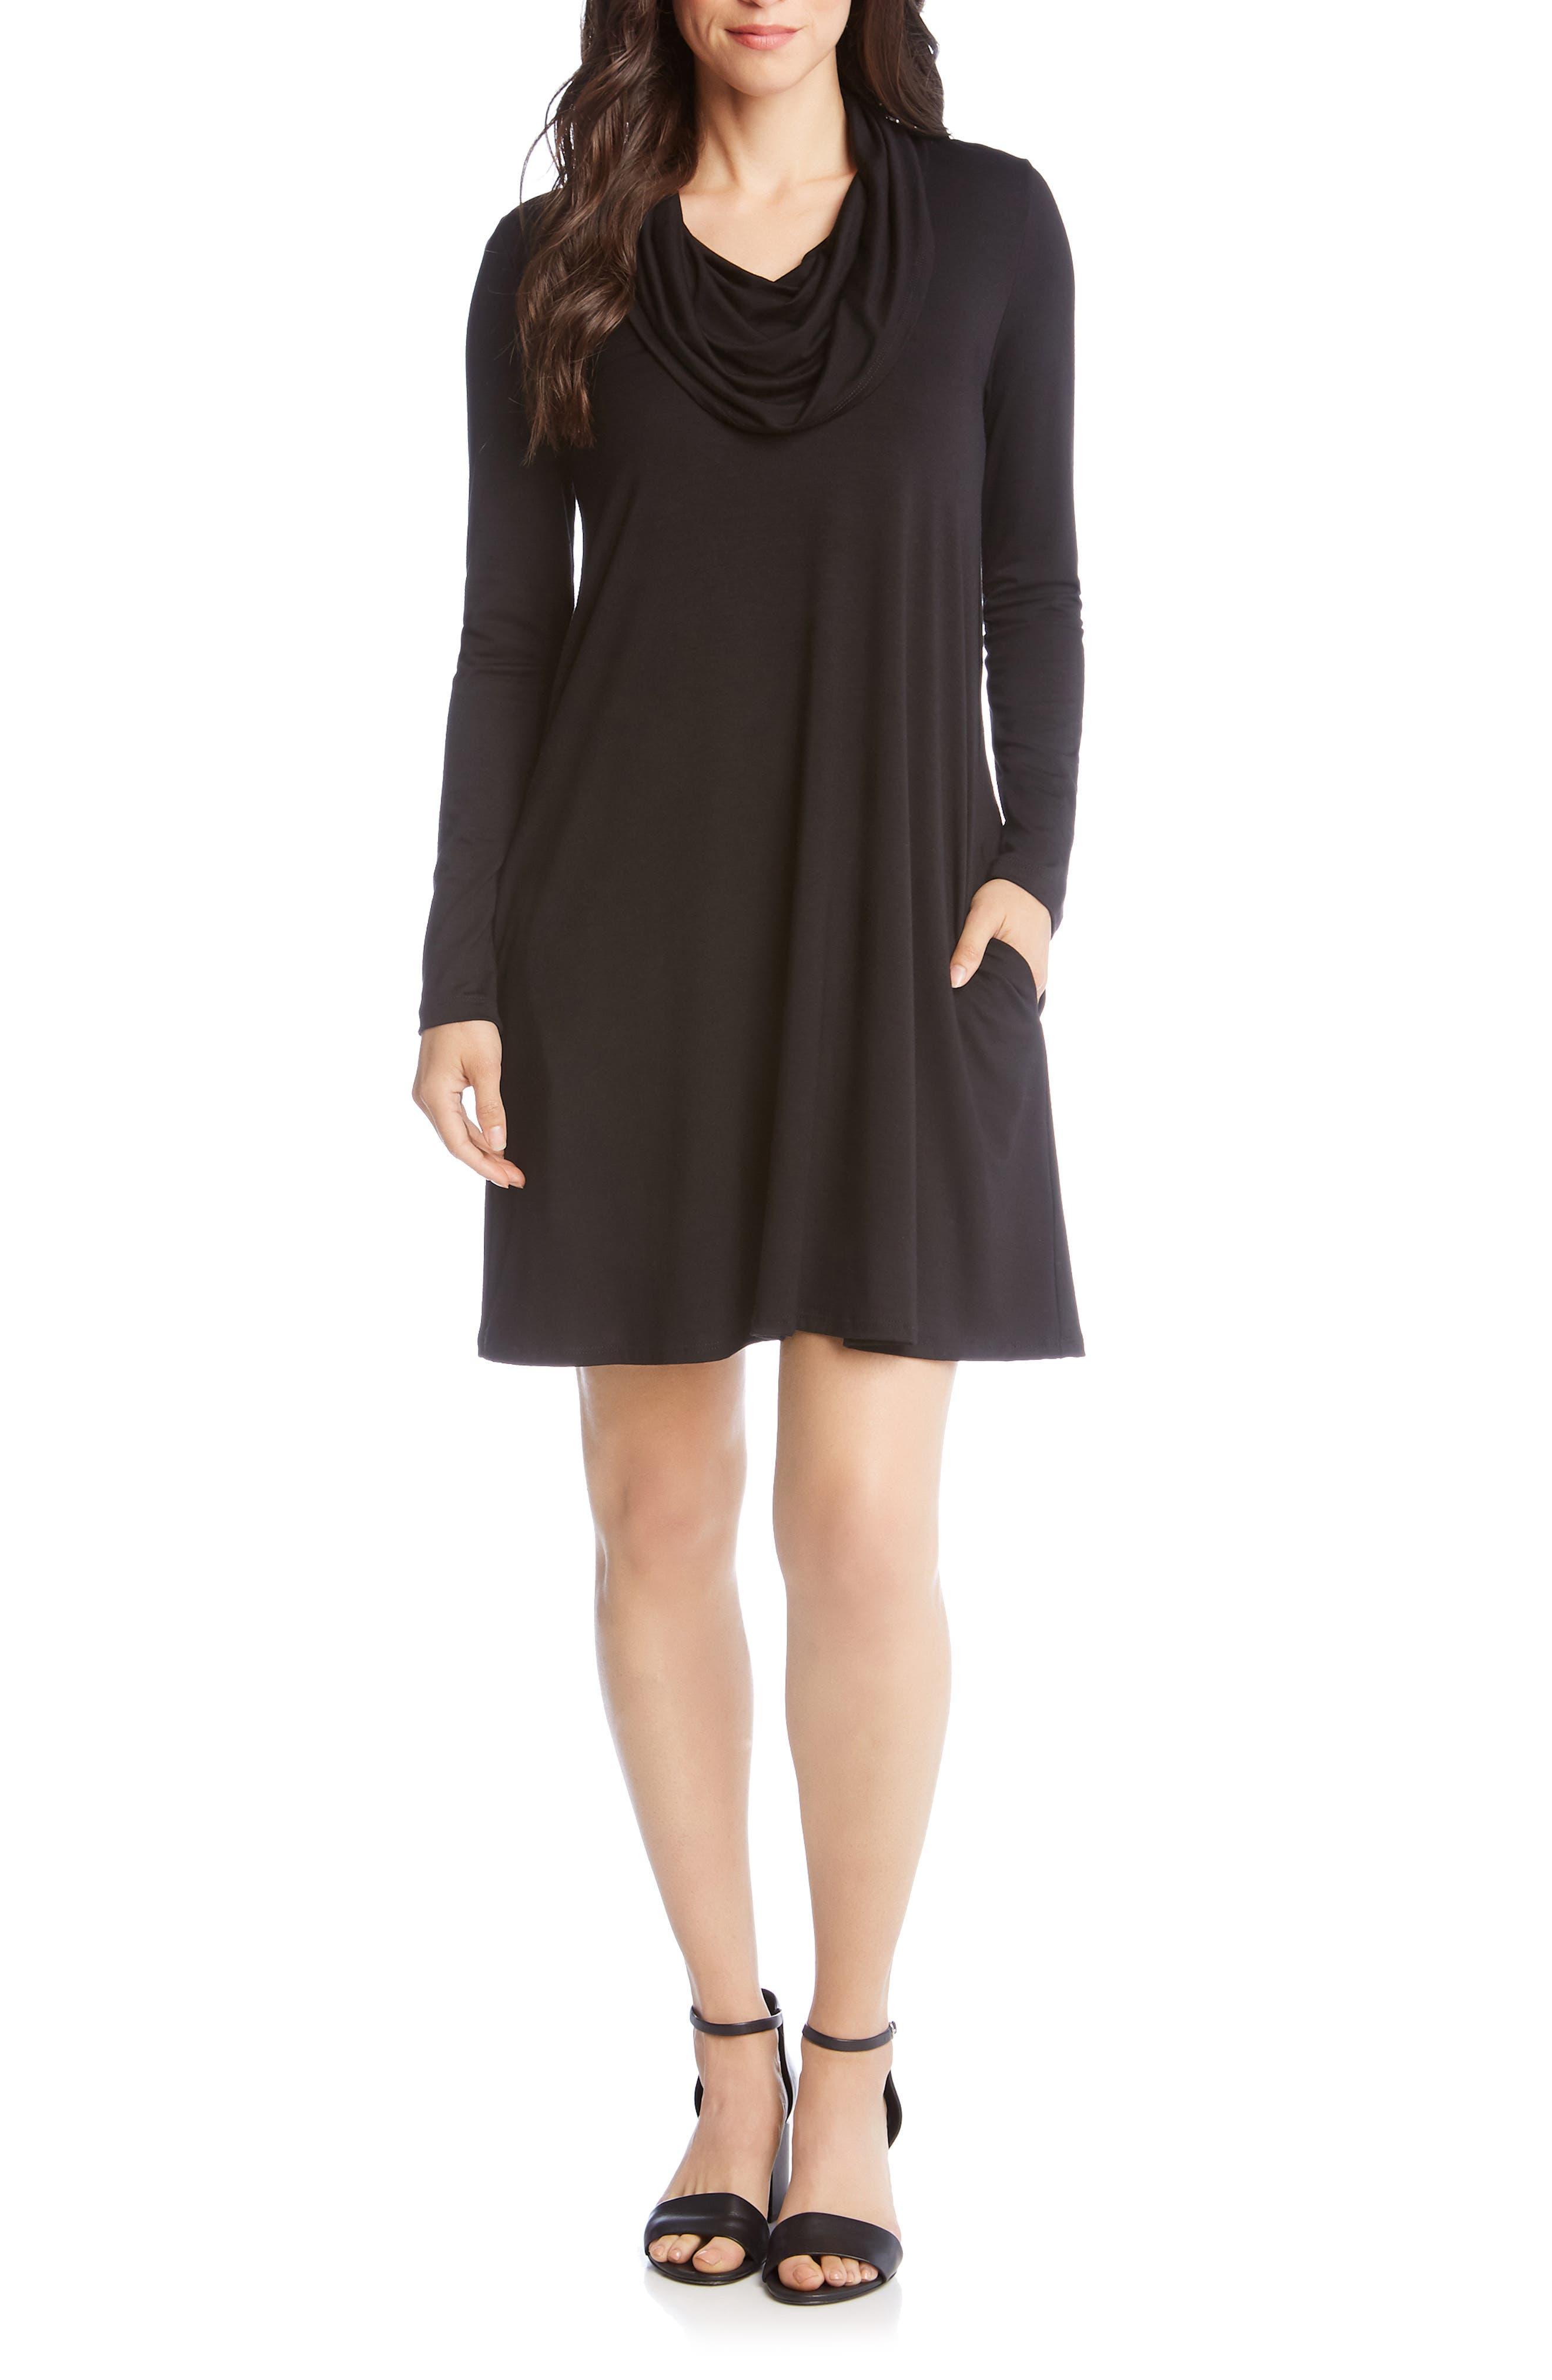 Karen Kane Chloe Cowl Neck Swing Dress, Black